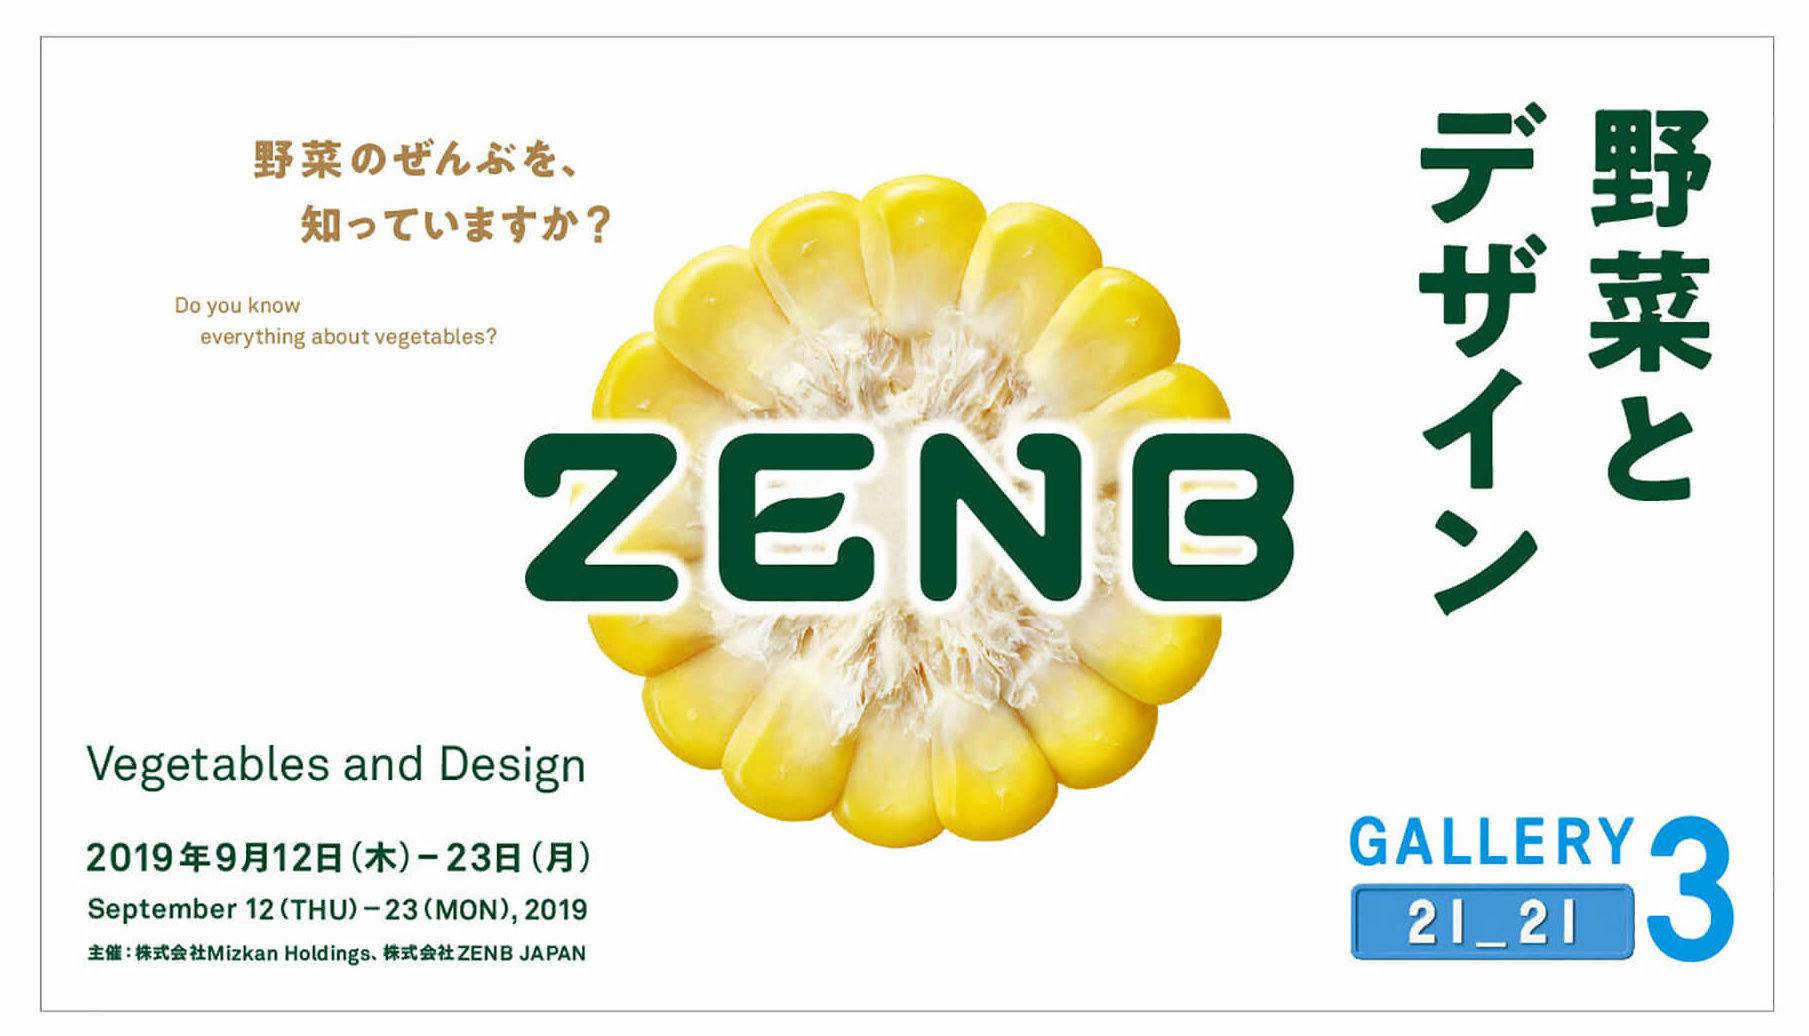 「野菜とデザイン」展のメインビジュアル。トウモロコシの裁断した写真と文字で構成されています